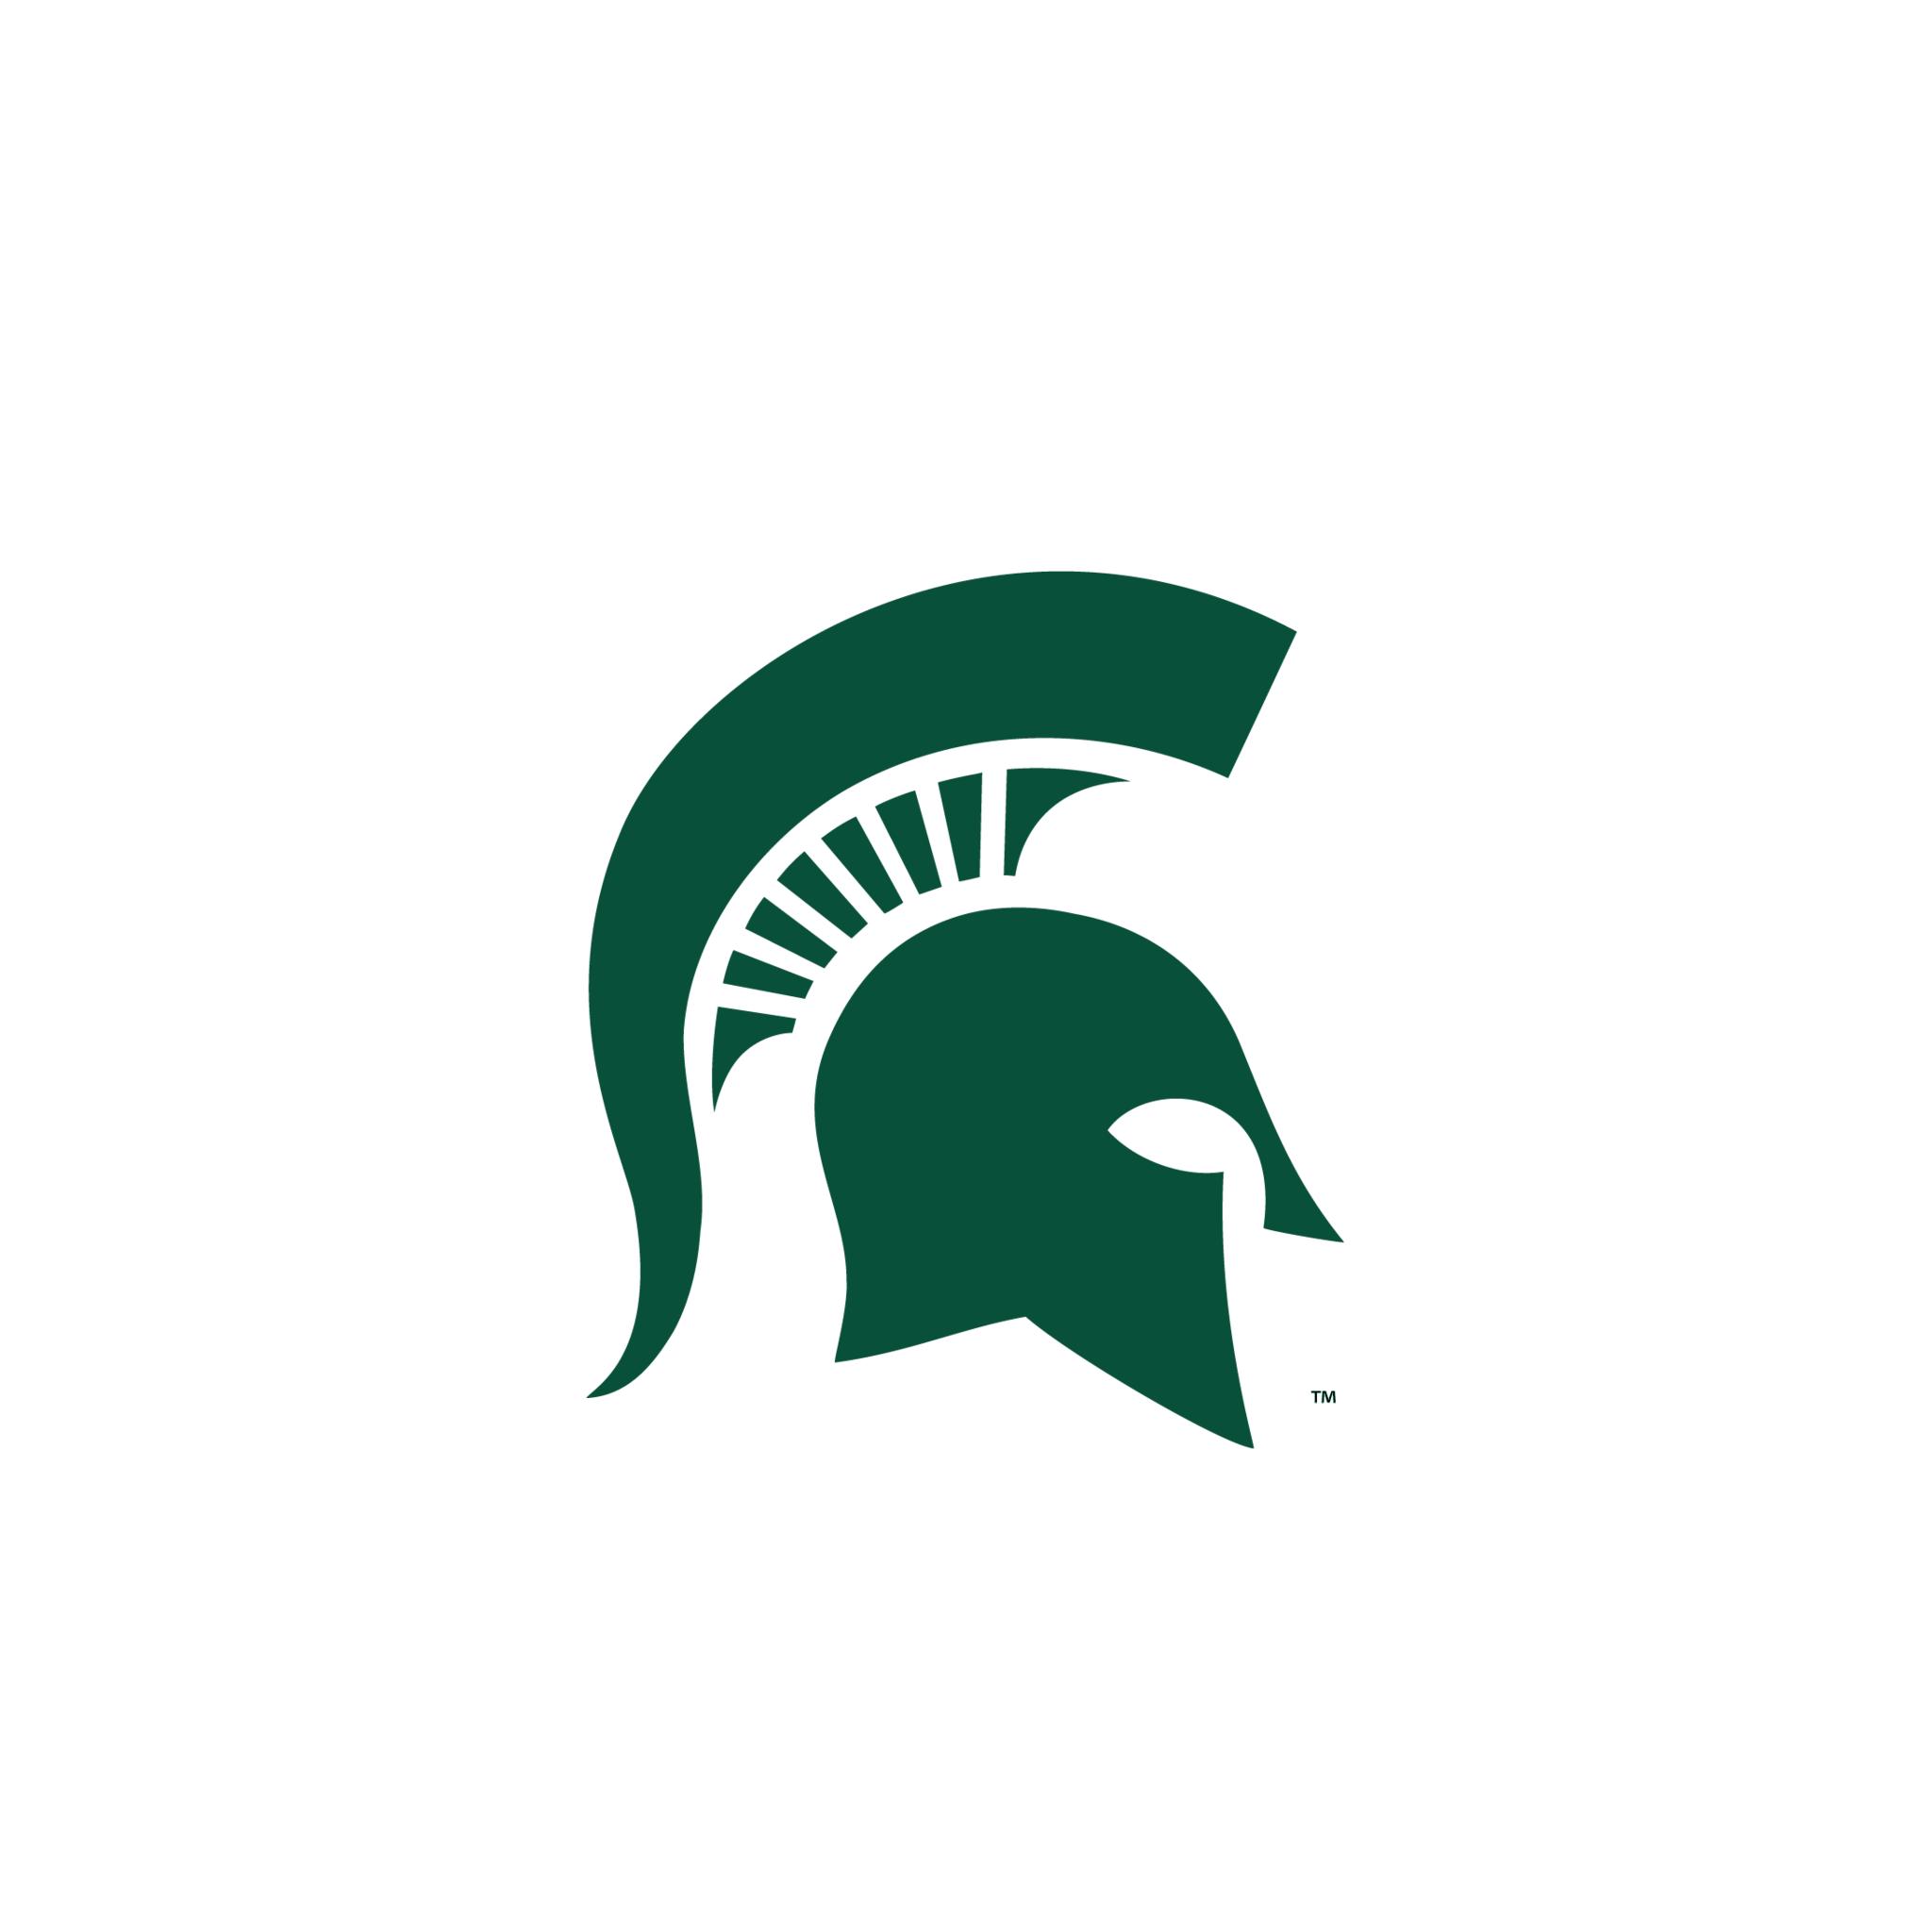 Michigan State Spartans In 2020 Michigan State Logo Michigan State Spartans Michigan State